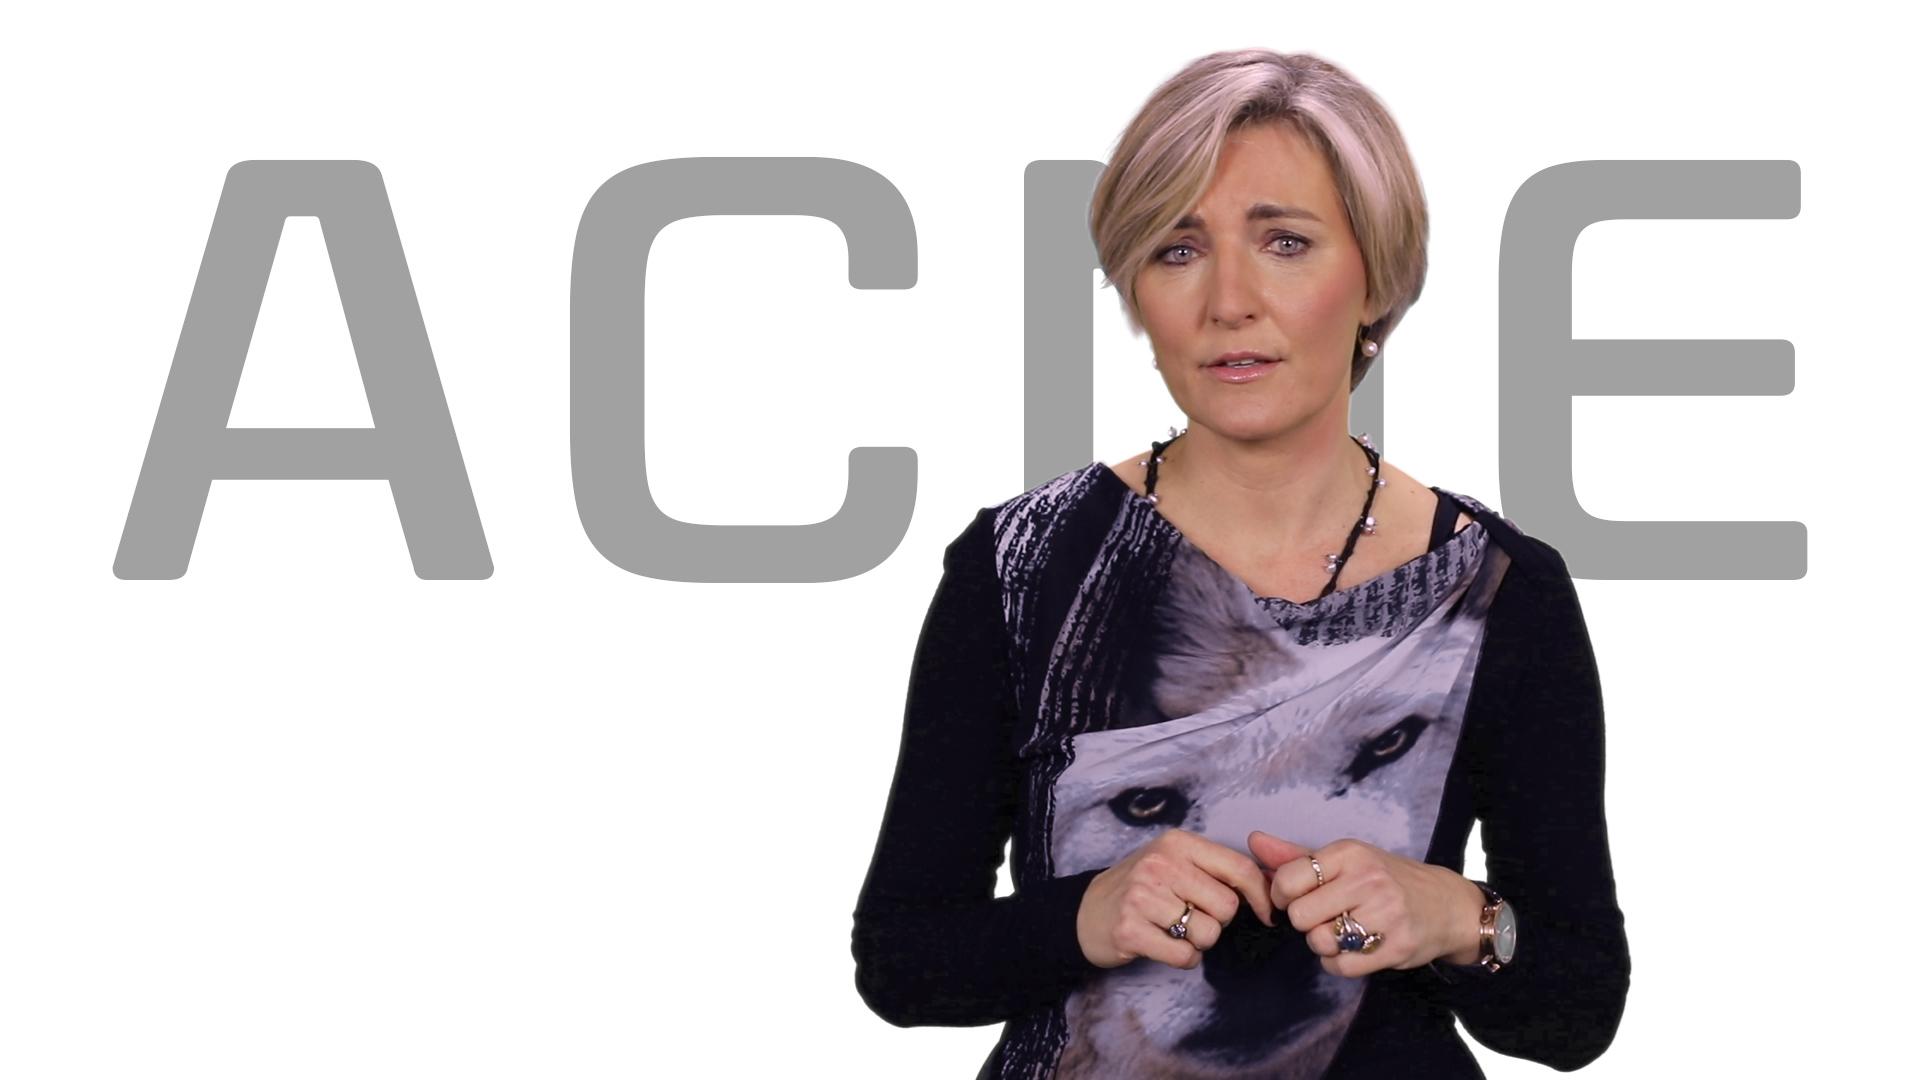 Bekijk de video: Acne